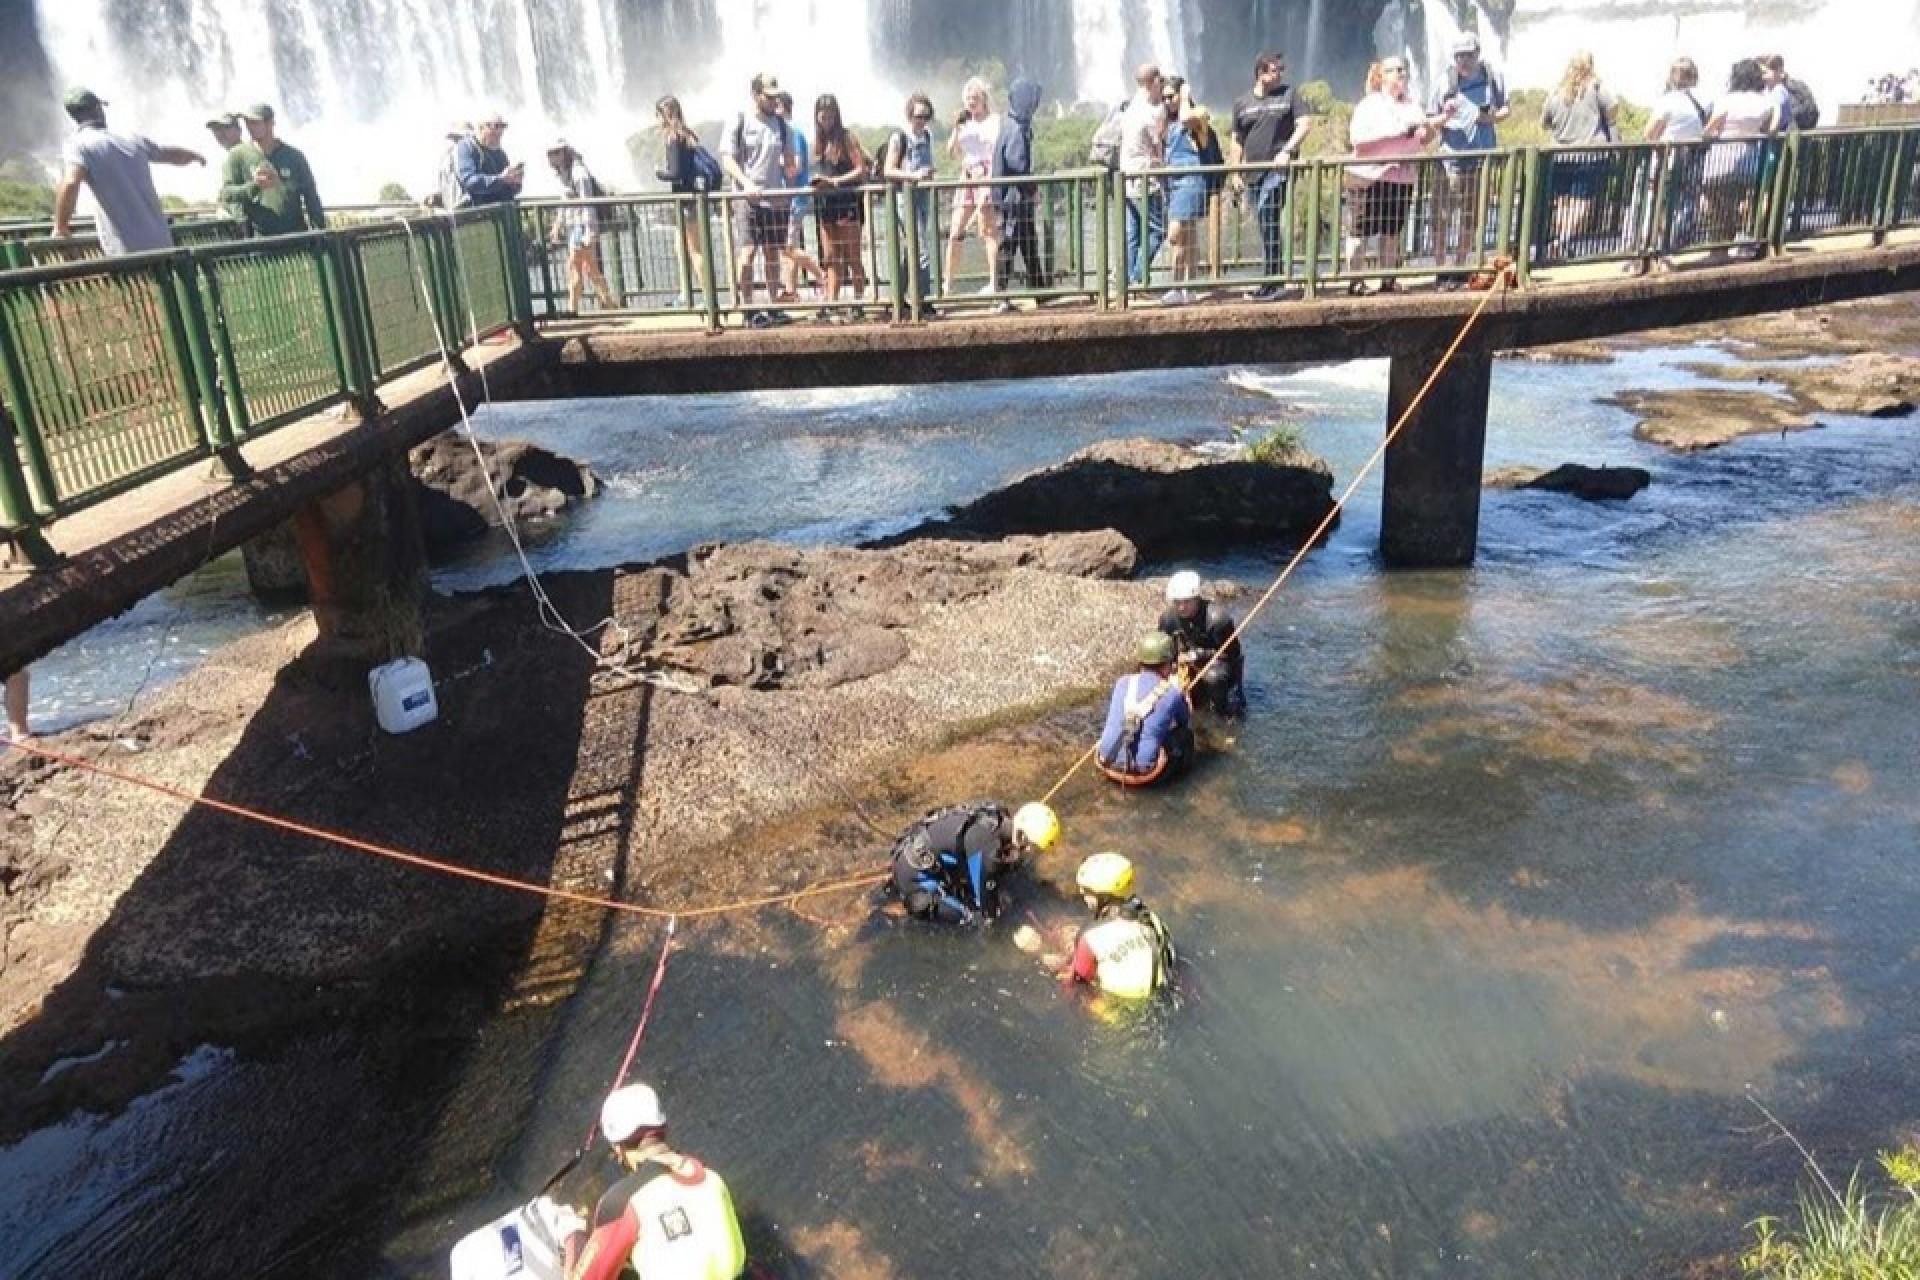 Turistas jogam R$ 14 mil em moedas nas Cataratas do Iguaçu e causam risco ambiental ao parque